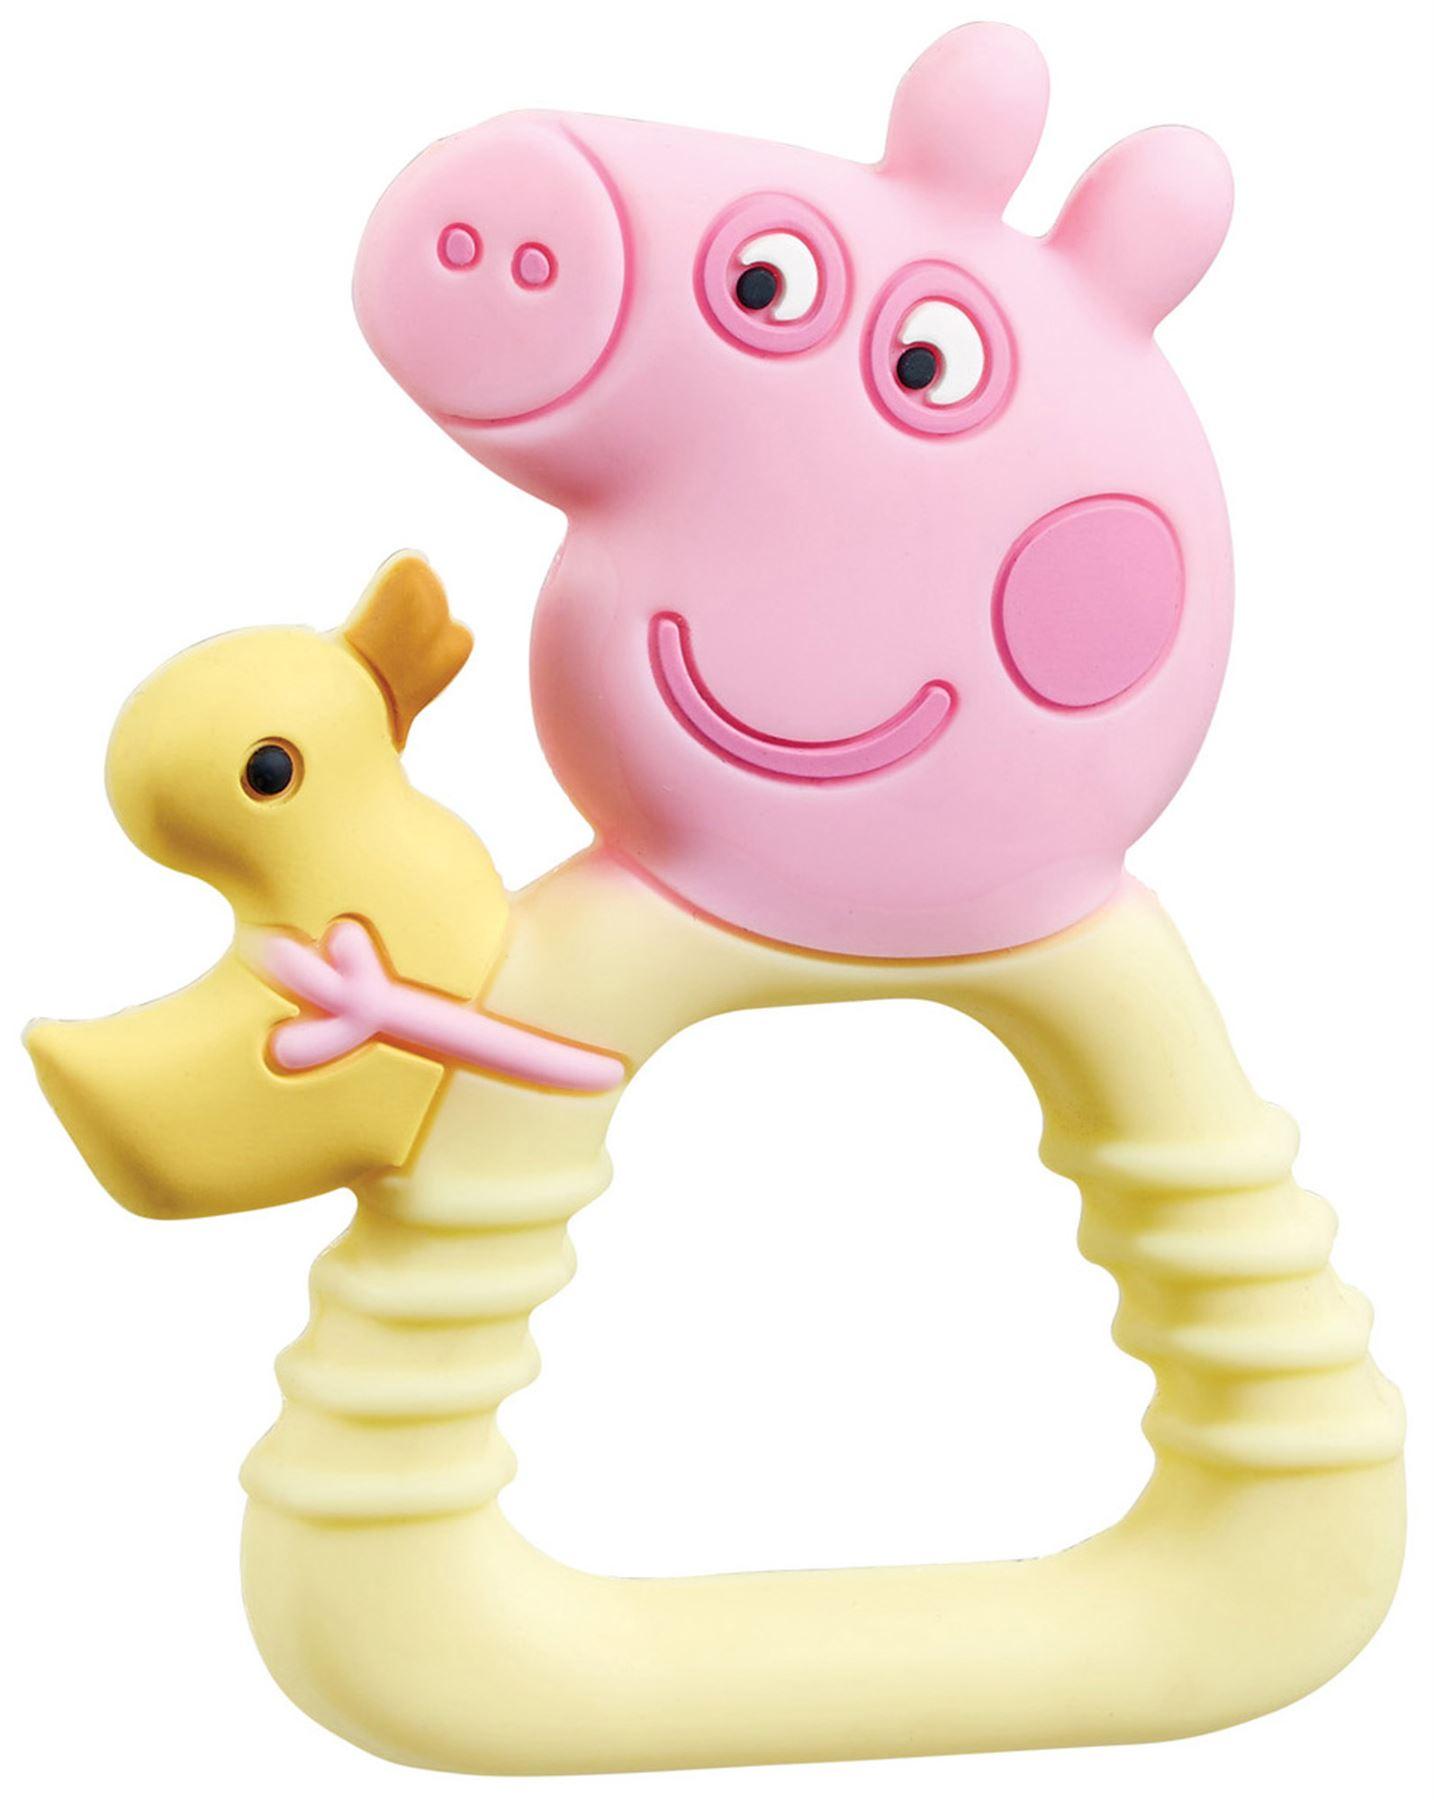 Sonstige Baby Offen Rainbow Designs Mein Erstes Peppa Pig AktivitÄt Spielzeug Baby Neu